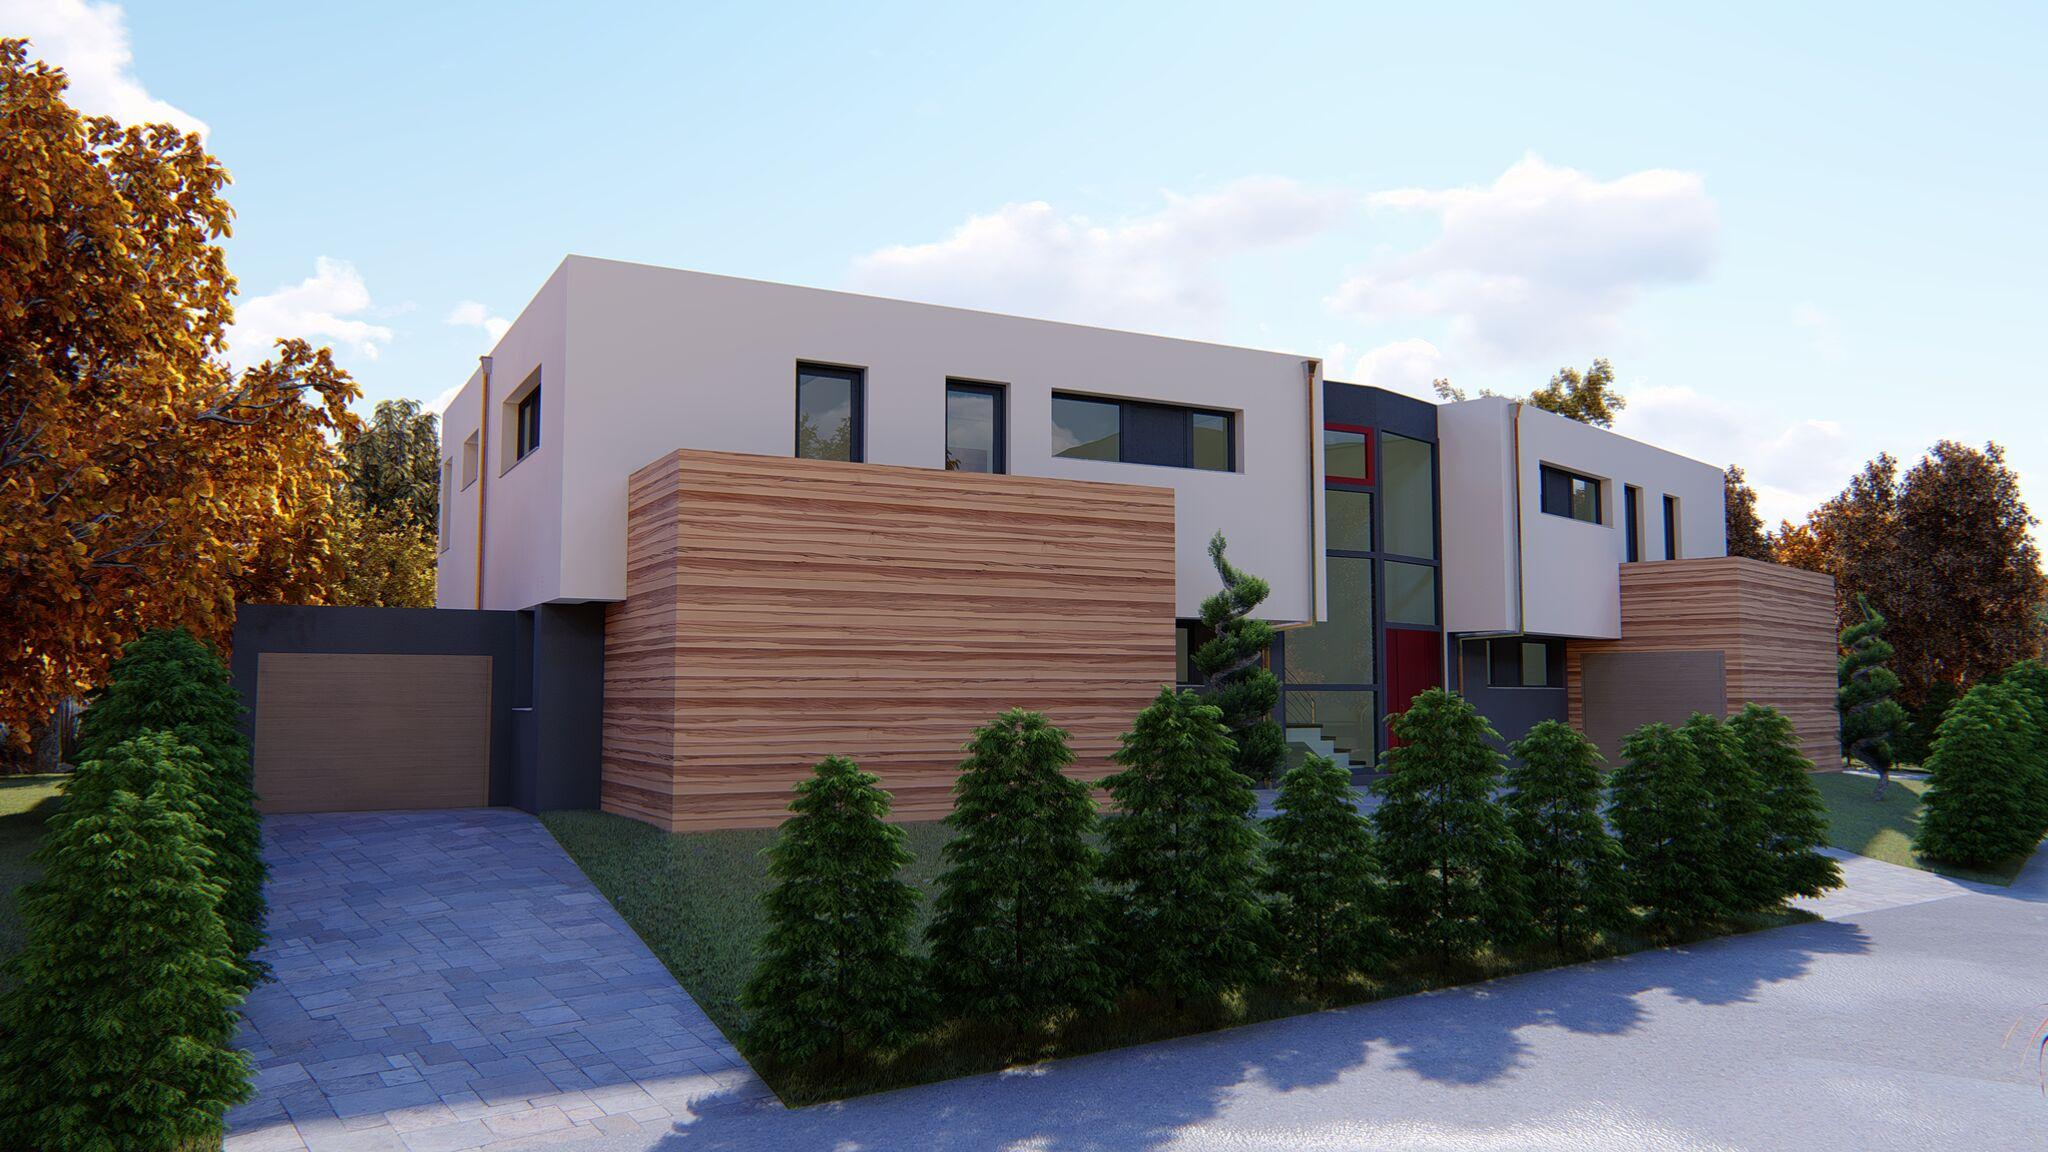 Planung, Bauantrag und Statik für Einfamilienhaus in Neuss